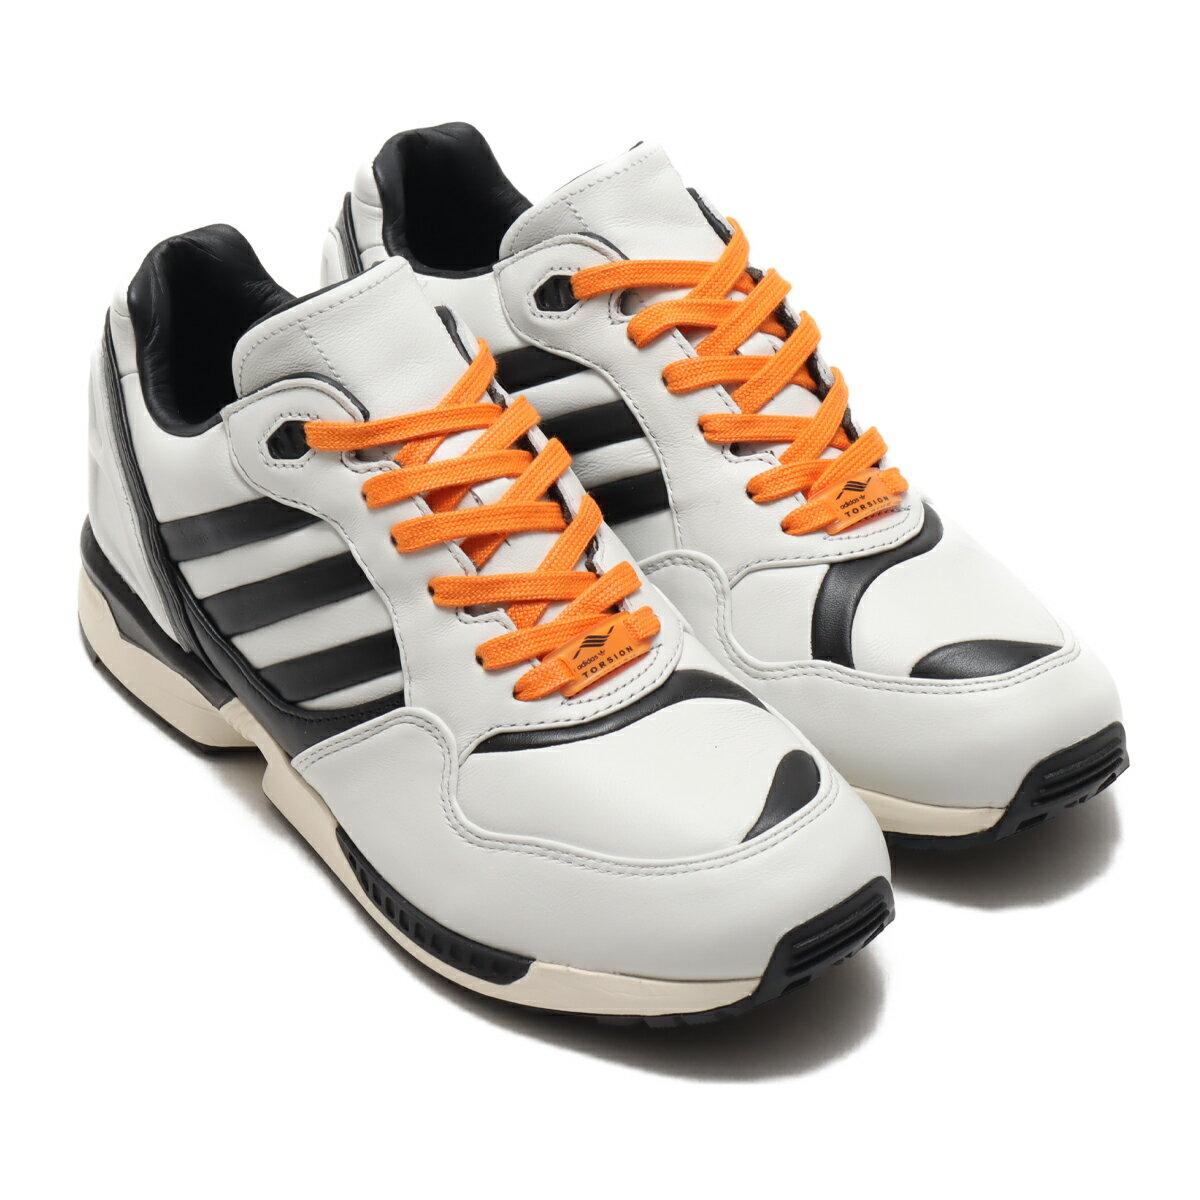 メンズ靴, スニーカー adidas ZX 6000 AZX( ZX 6000 AZX)CRYSTAL WHITECORE BLACKBAHIA ORANGE 20FW-S